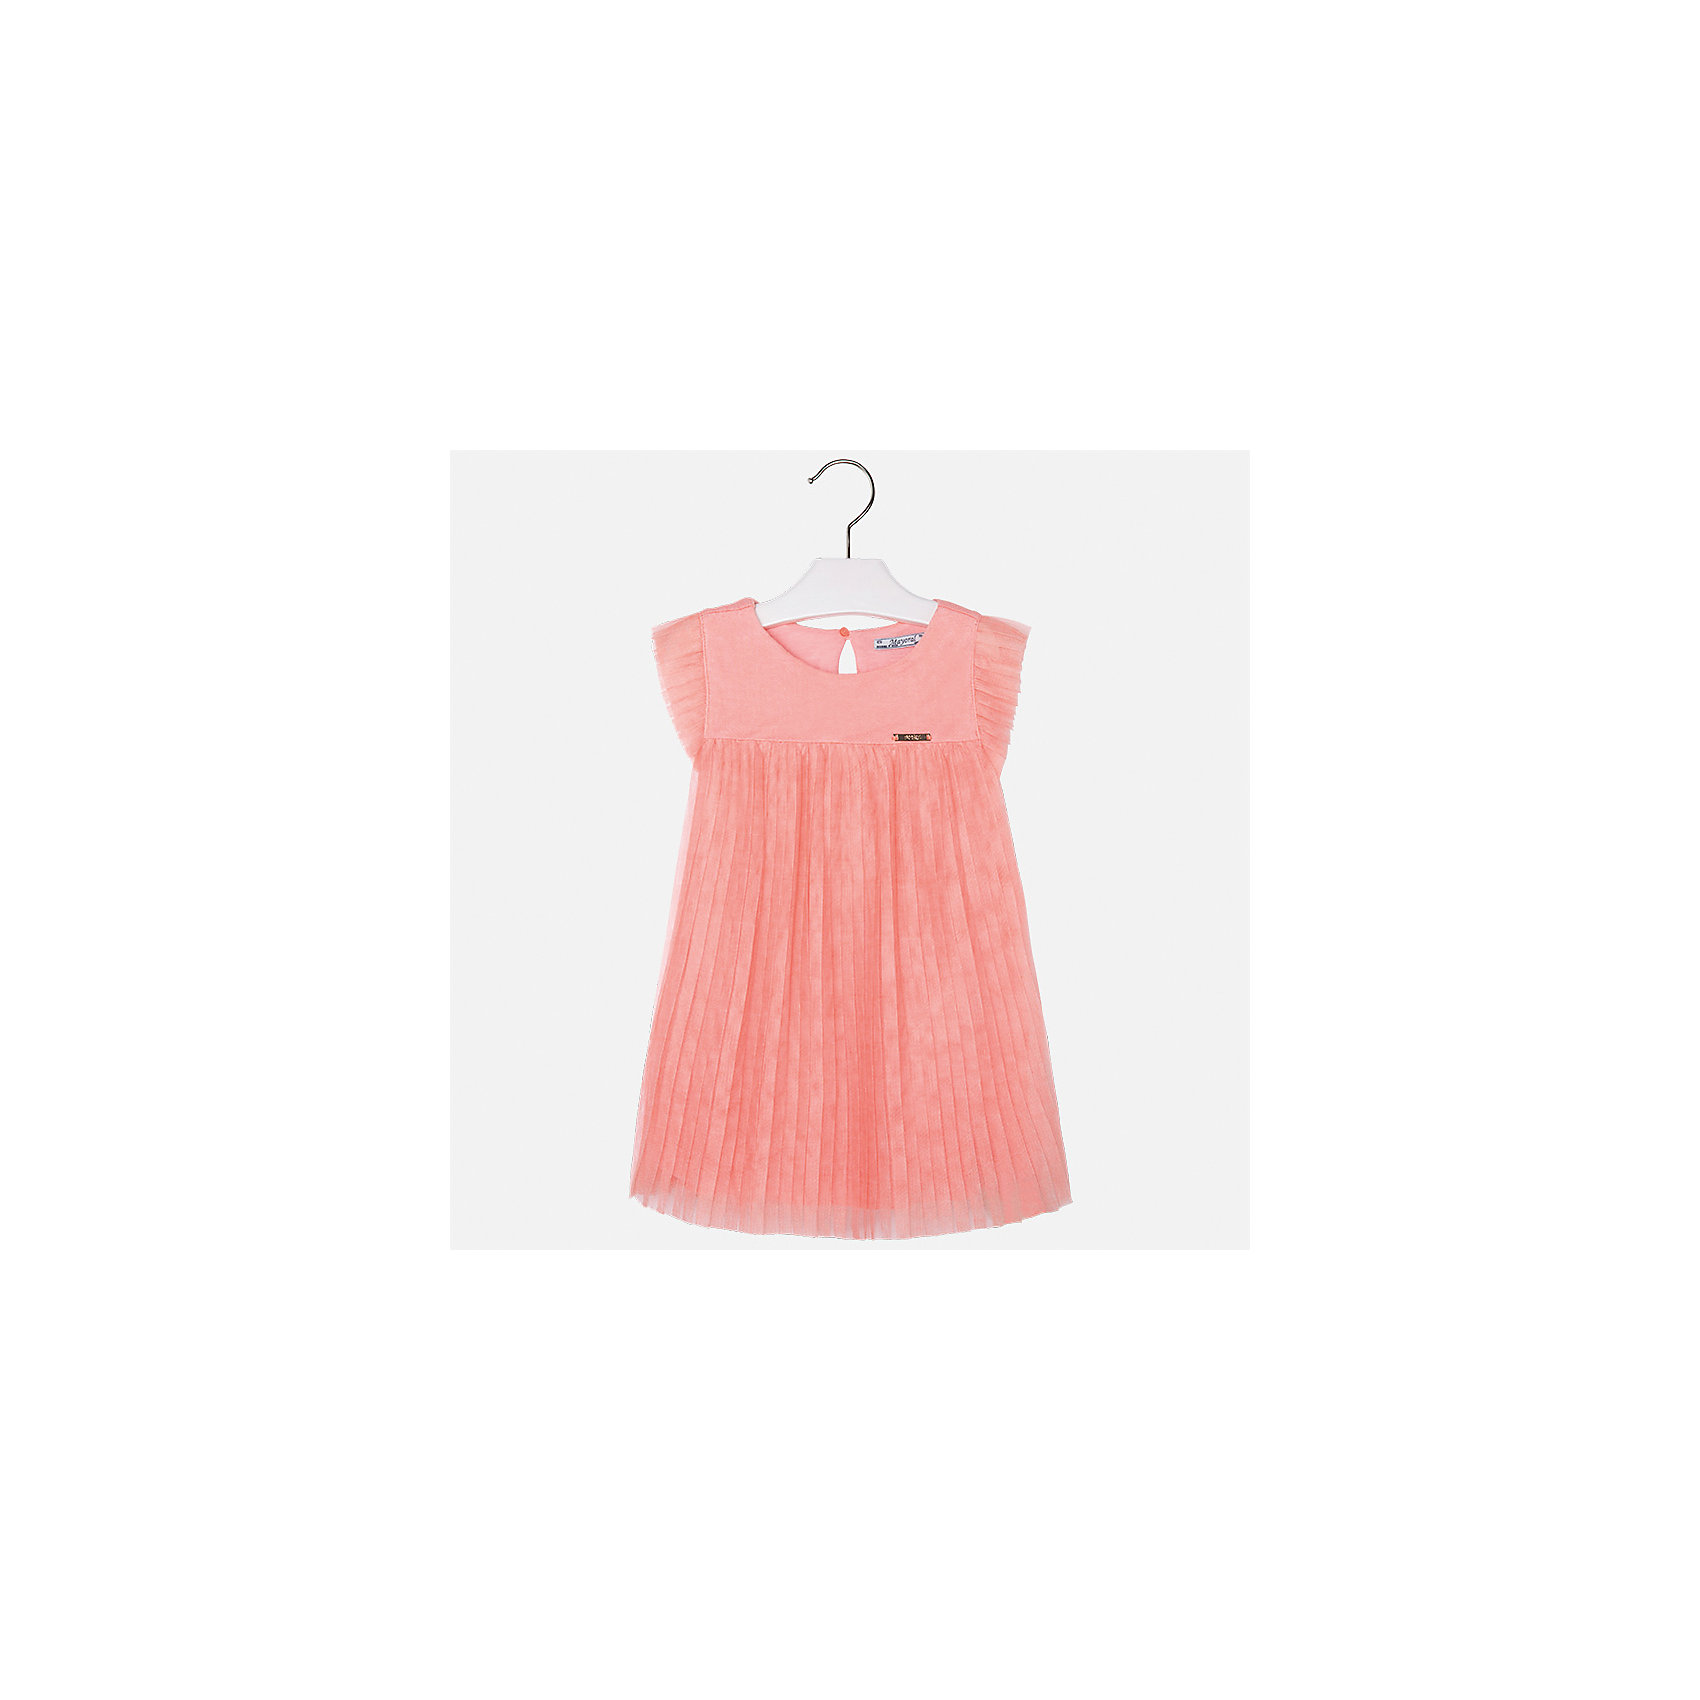 Платье для девочки MayoralОдежда<br>Характеристики товара:<br><br>• цвет: оранжевый<br>• состав: 100% полиэстер, подкладка - 100% вискоза<br>• завышенная талия<br>• плиссированный подол<br>• короткие рукава<br>• с подкладкой<br>• страна бренда: Испания<br><br>Модное красивое платье для девочки поможет разнообразить гардероб ребенка и создать эффектный наряд. Оно отлично подойдет для различных случаев. Красивый оттенок позволяет подобрать к вещи обувь разных расцветок. Платье хорошо сидит по фигуре.<br><br>Одежда, обувь и аксессуары от испанского бренда Mayoral полюбились детям и взрослым по всему миру. Модели этой марки - стильные и удобные. Для их производства используются только безопасные, качественные материалы и фурнитура. Порадуйте ребенка модными и красивыми вещами от Mayoral! <br><br>Платье для девочки от испанского бренда Mayoral (Майорал) можно купить в нашем интернет-магазине.<br><br>Ширина мм: 236<br>Глубина мм: 16<br>Высота мм: 184<br>Вес г: 177<br>Цвет: розовый<br>Возраст от месяцев: 96<br>Возраст до месяцев: 108<br>Пол: Женский<br>Возраст: Детский<br>Размер: 134,98,104,110,116,122,128<br>SKU: 5291447